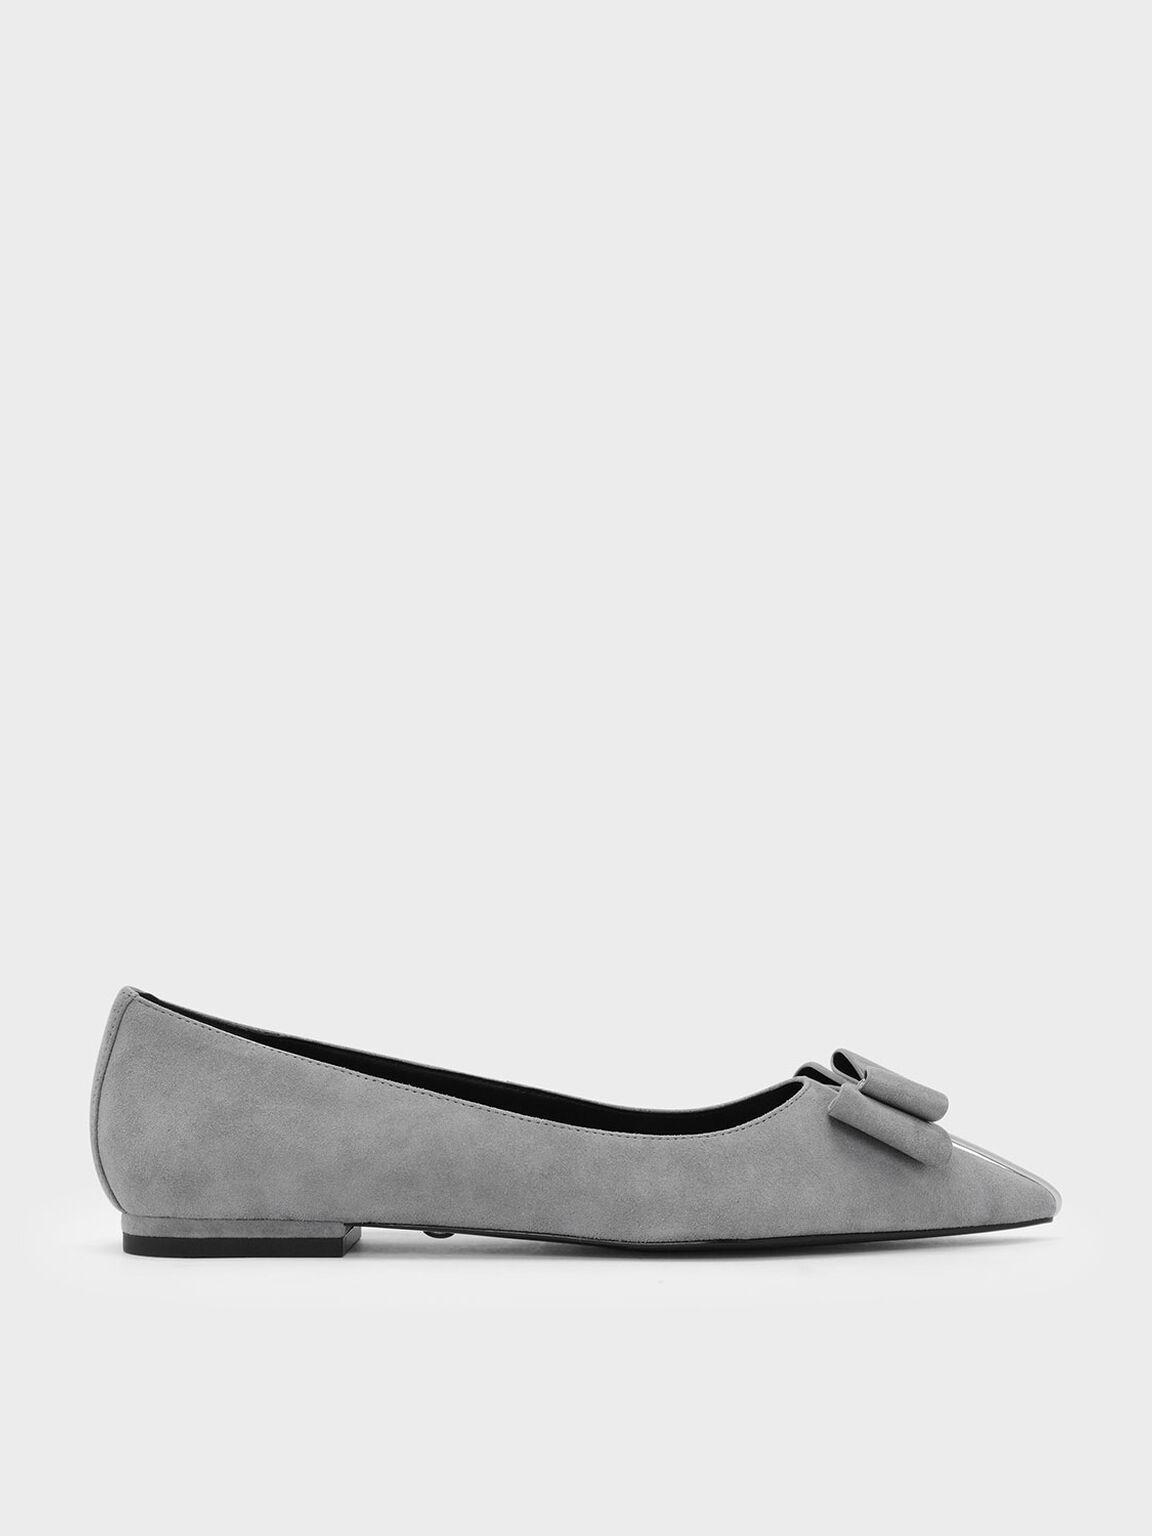 Bow Detail Suede Ballerinas, Grey, hi-res